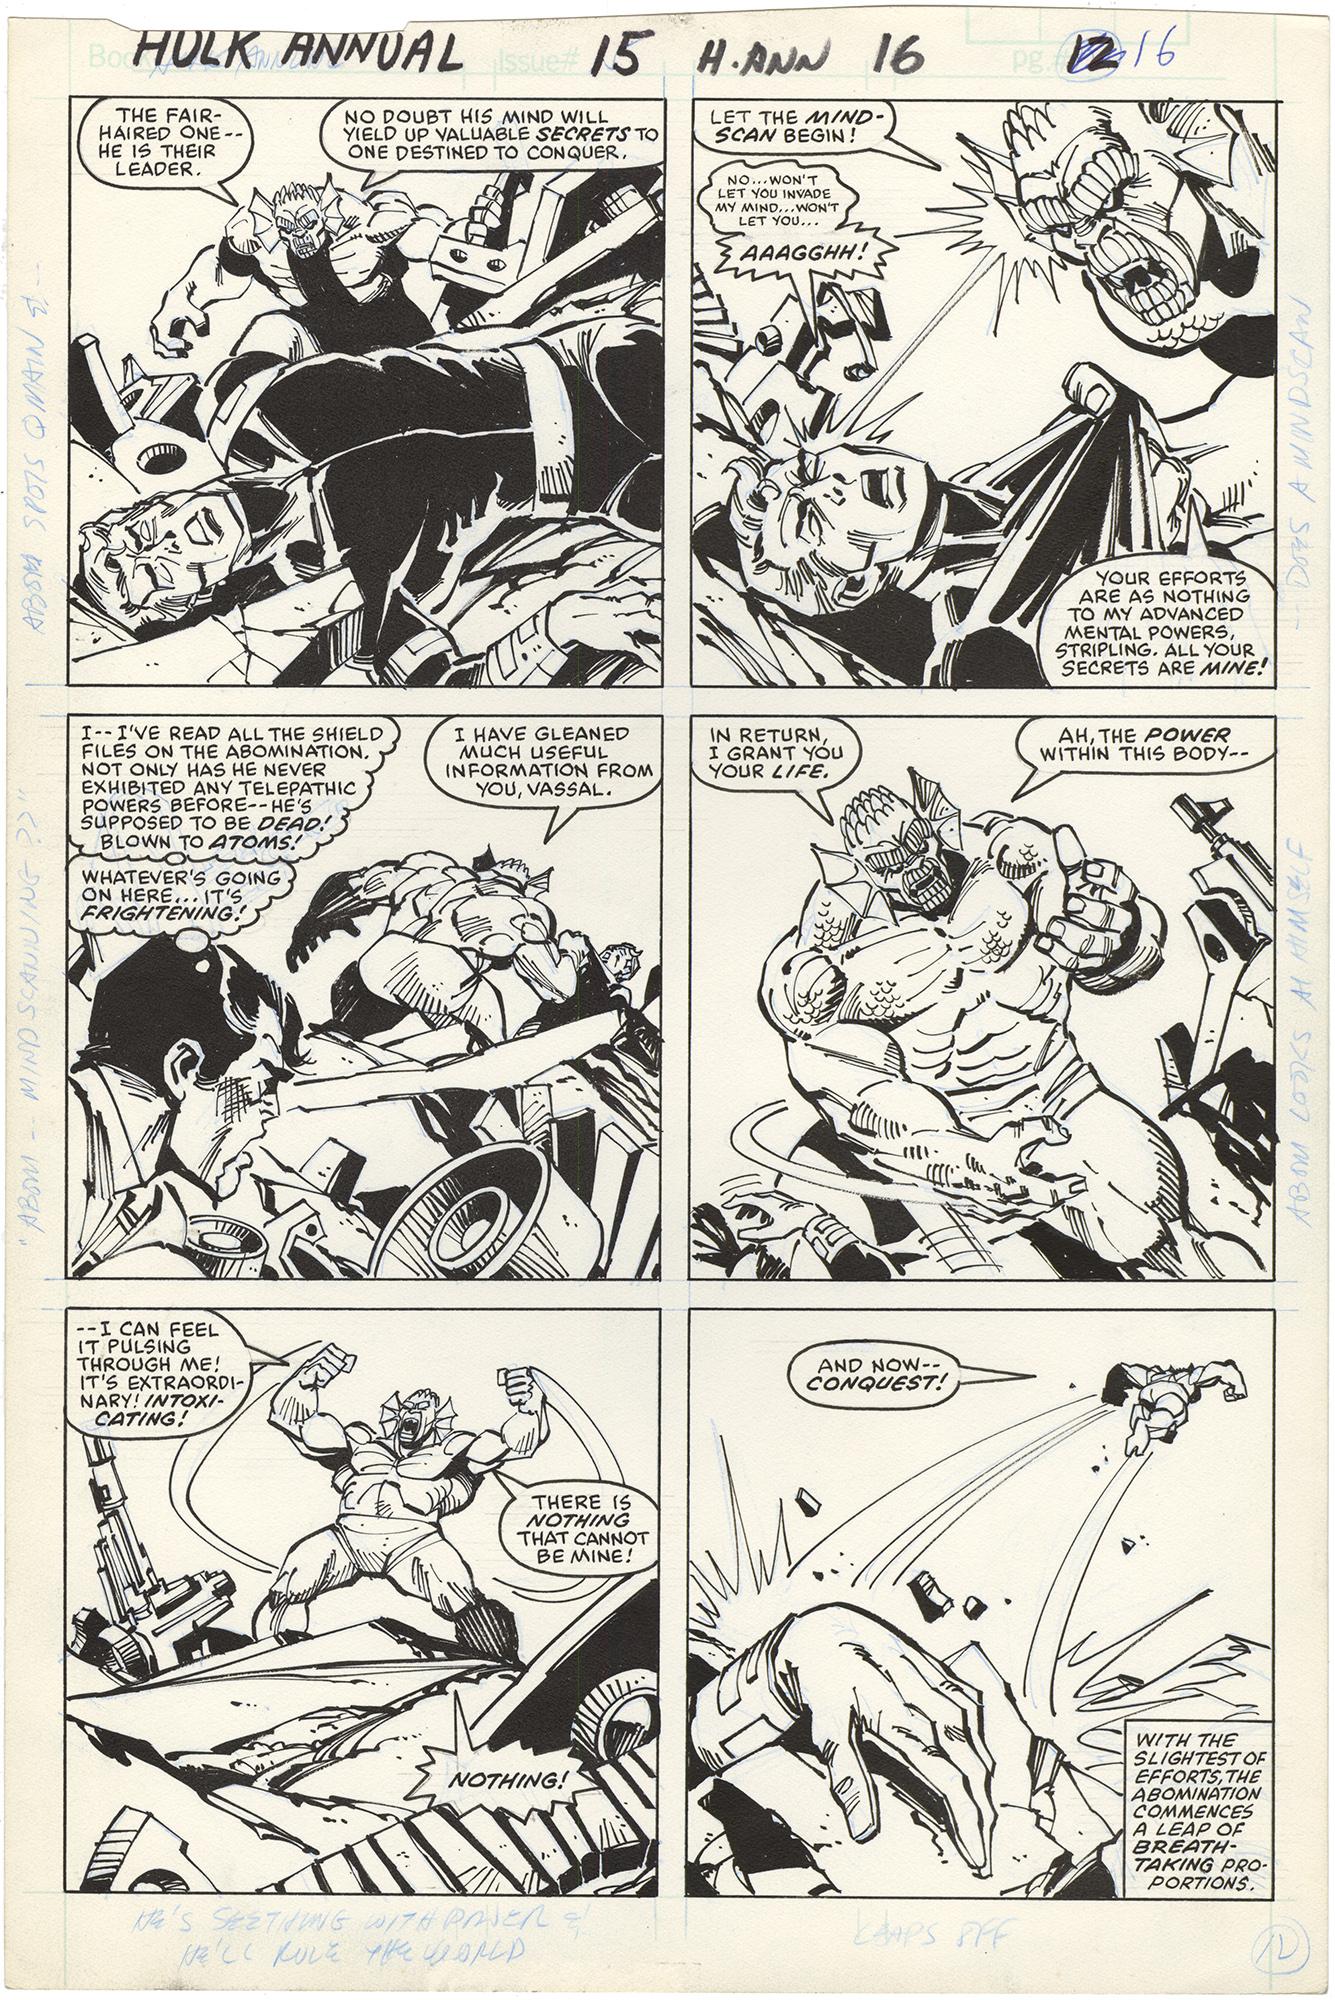 Incredible Hulk Annual #15 p16